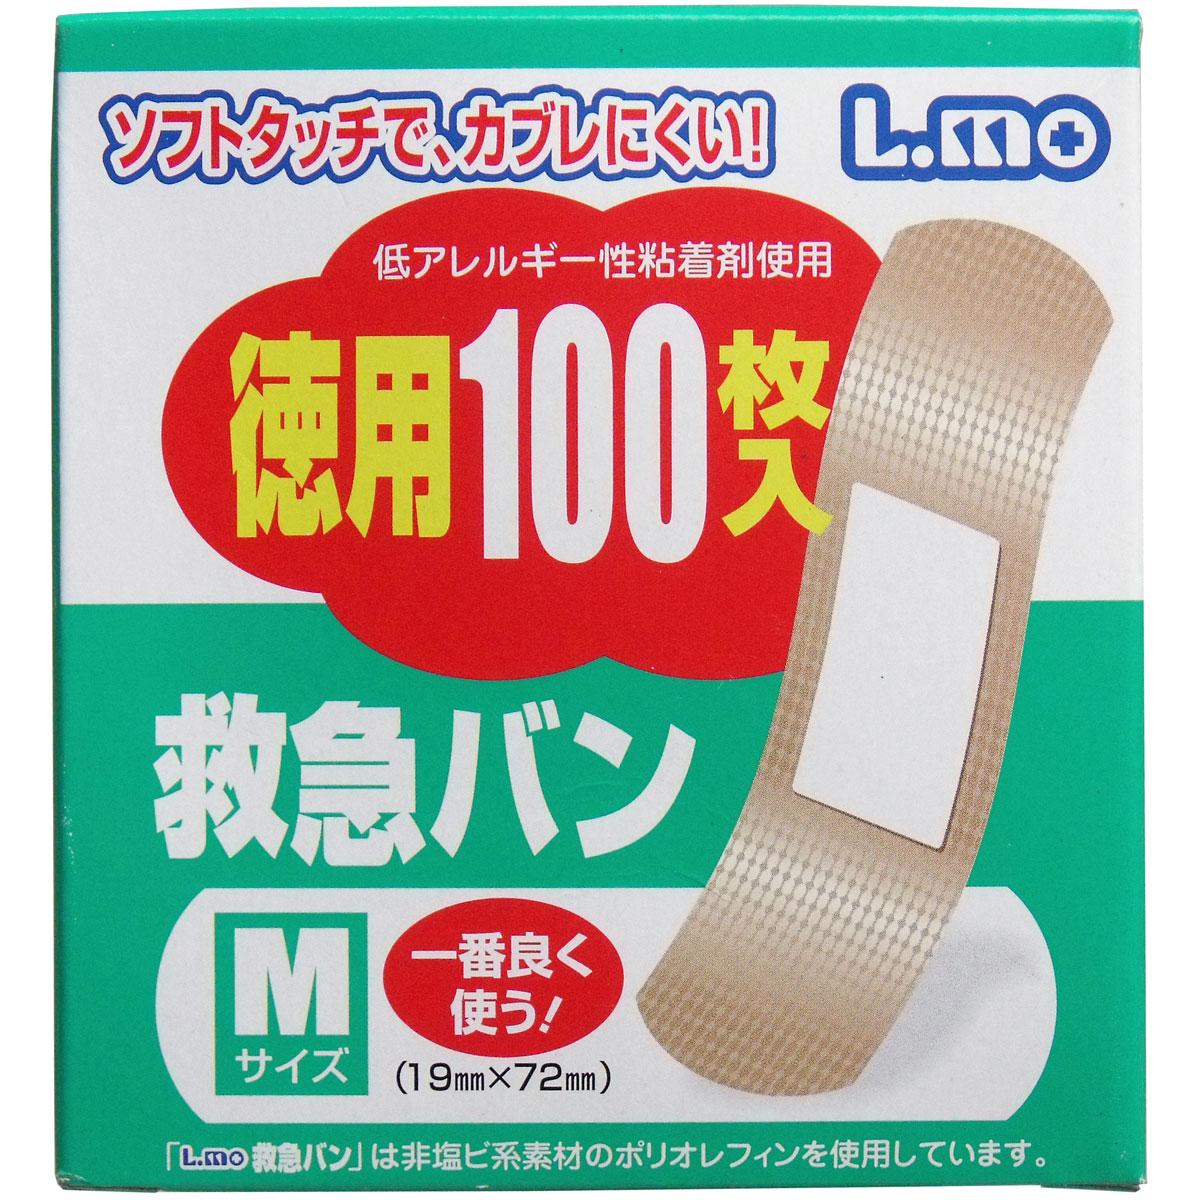 ソフトタッチで、カブレにくい! 救急バン Mサイズ 100枚入 【あす楽対応】